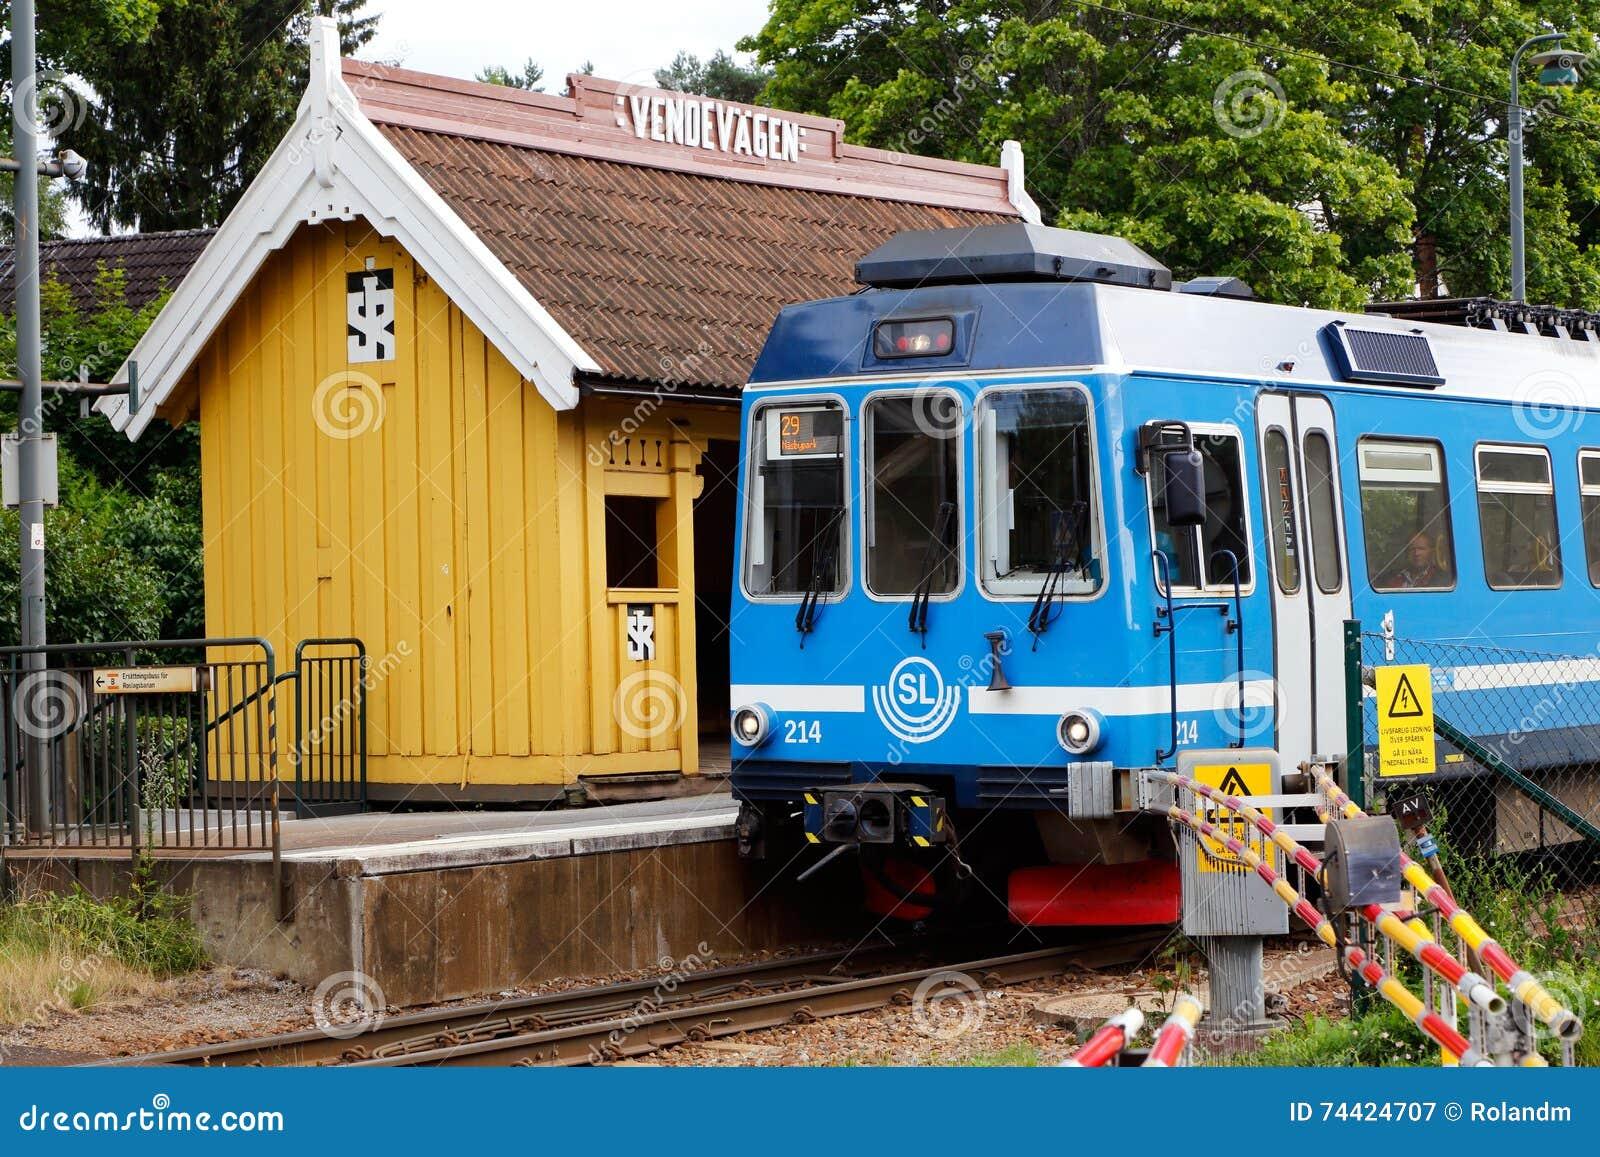 Järnvägstation Vendevagen